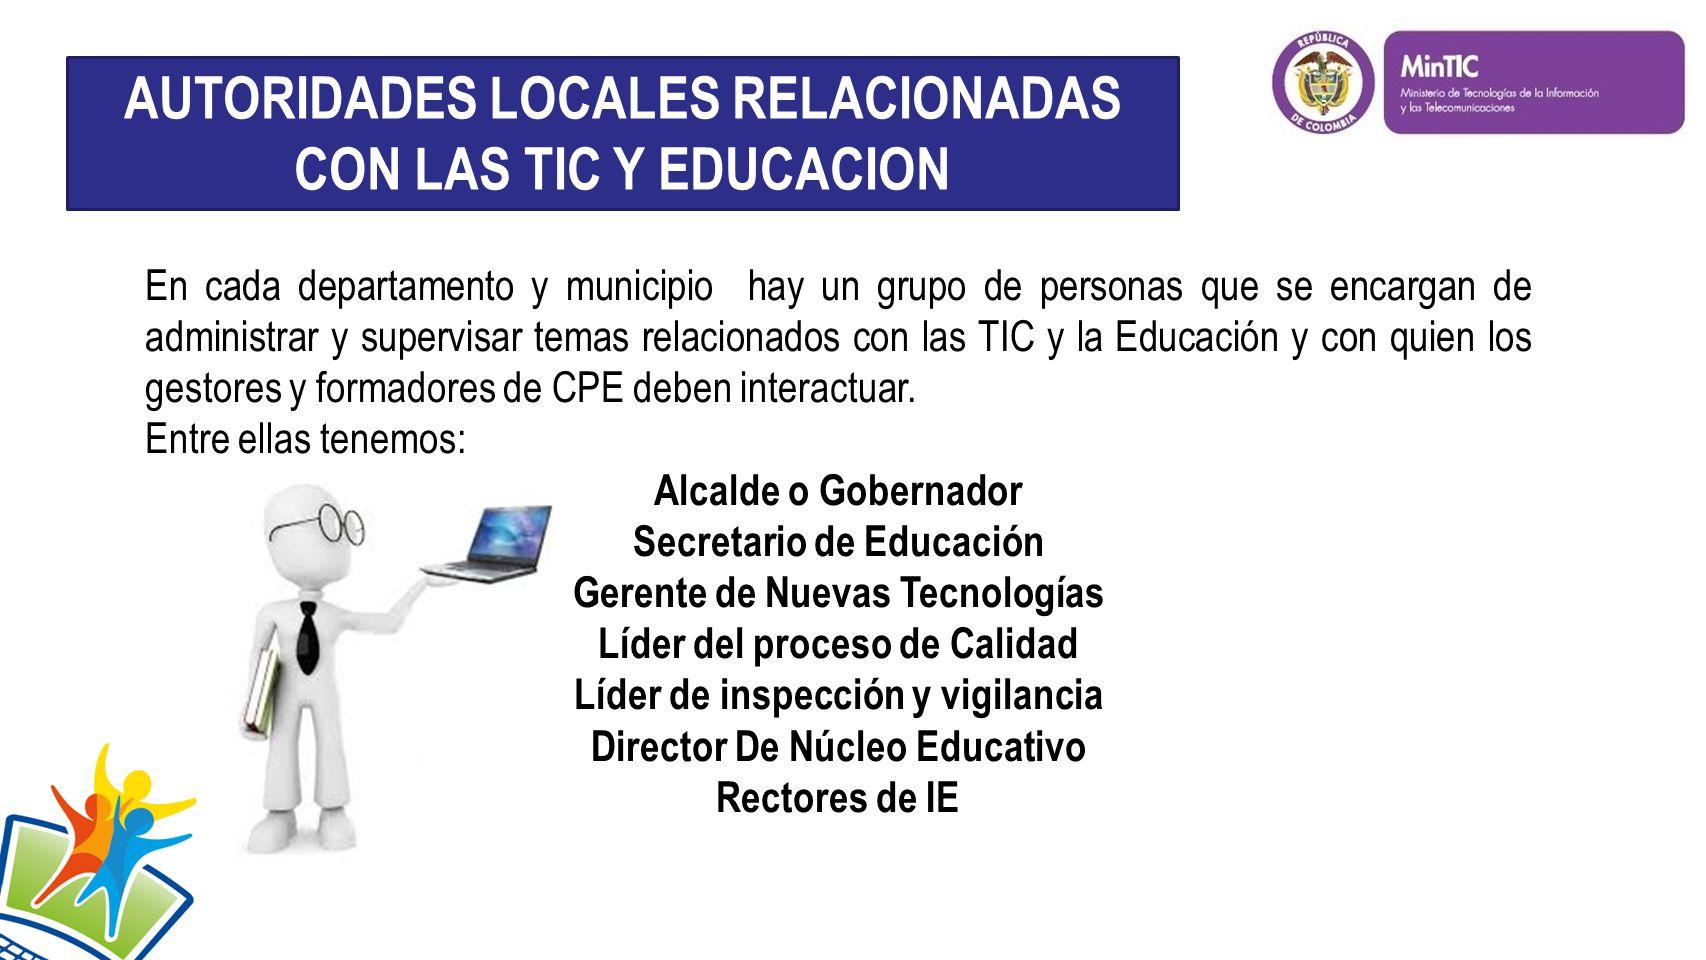 En cada departamento y municipio hay un grupo de personas que se encargan de administrar y supervisar temas relacionados con las TIC y la Educación y con quien los gestores y formadores de CPE deben interactuar.